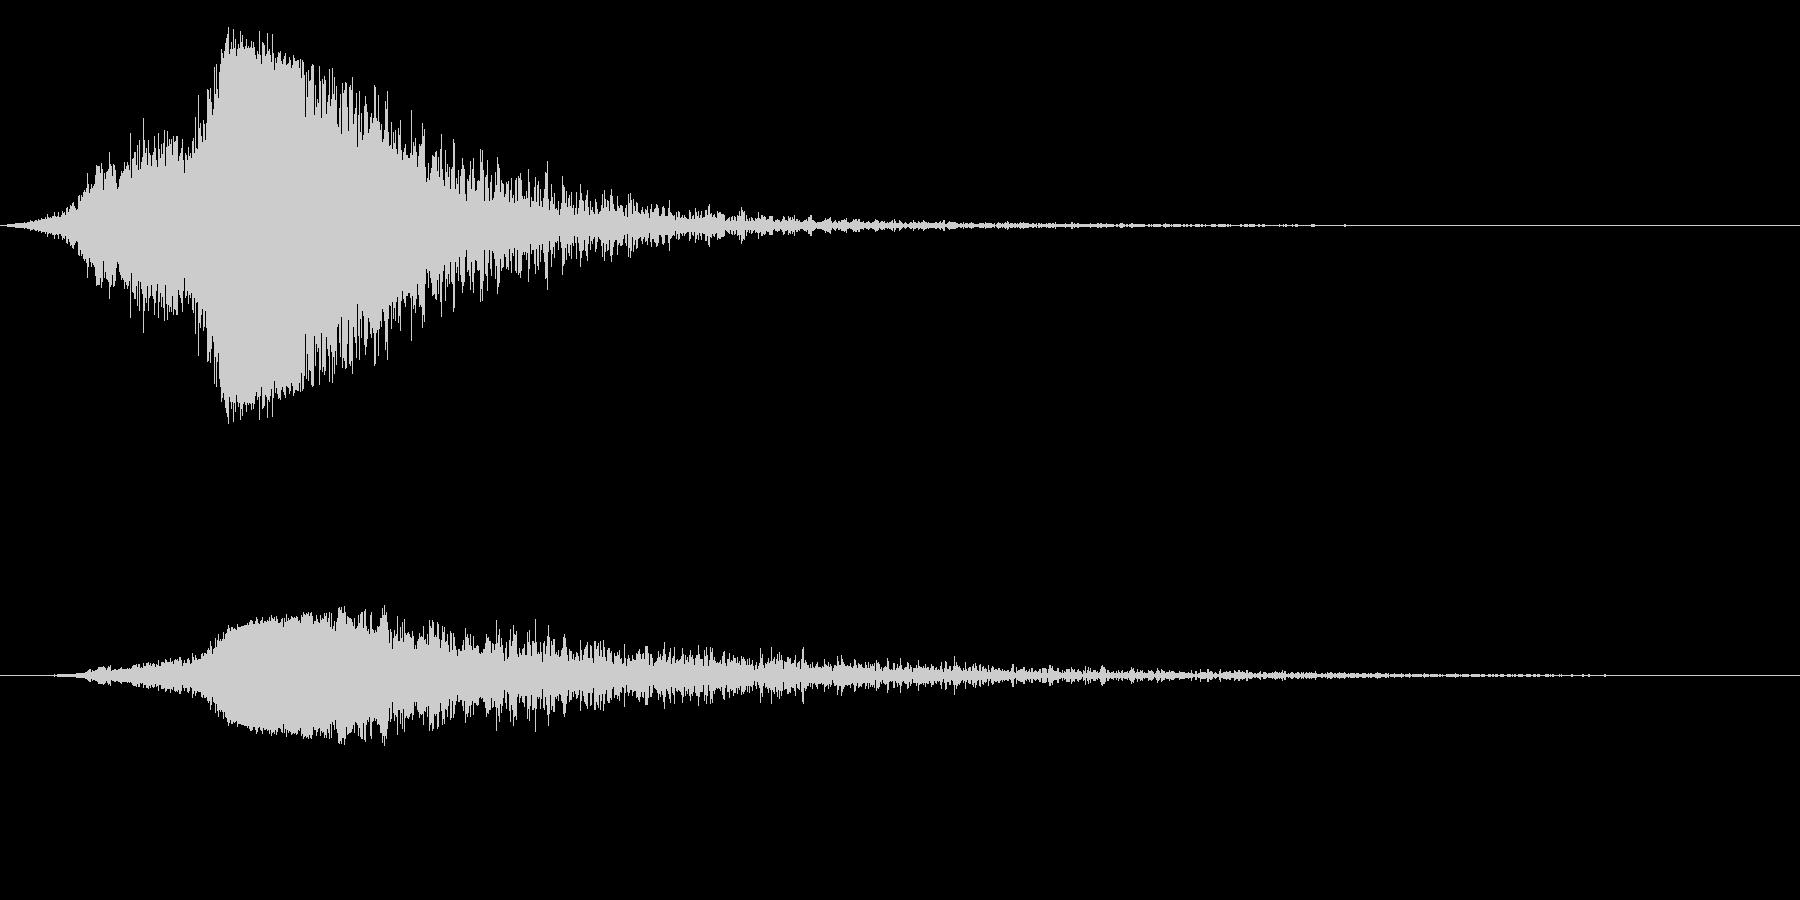 シャキーン!(強烈なインパクト、ロゴ等)の未再生の波形